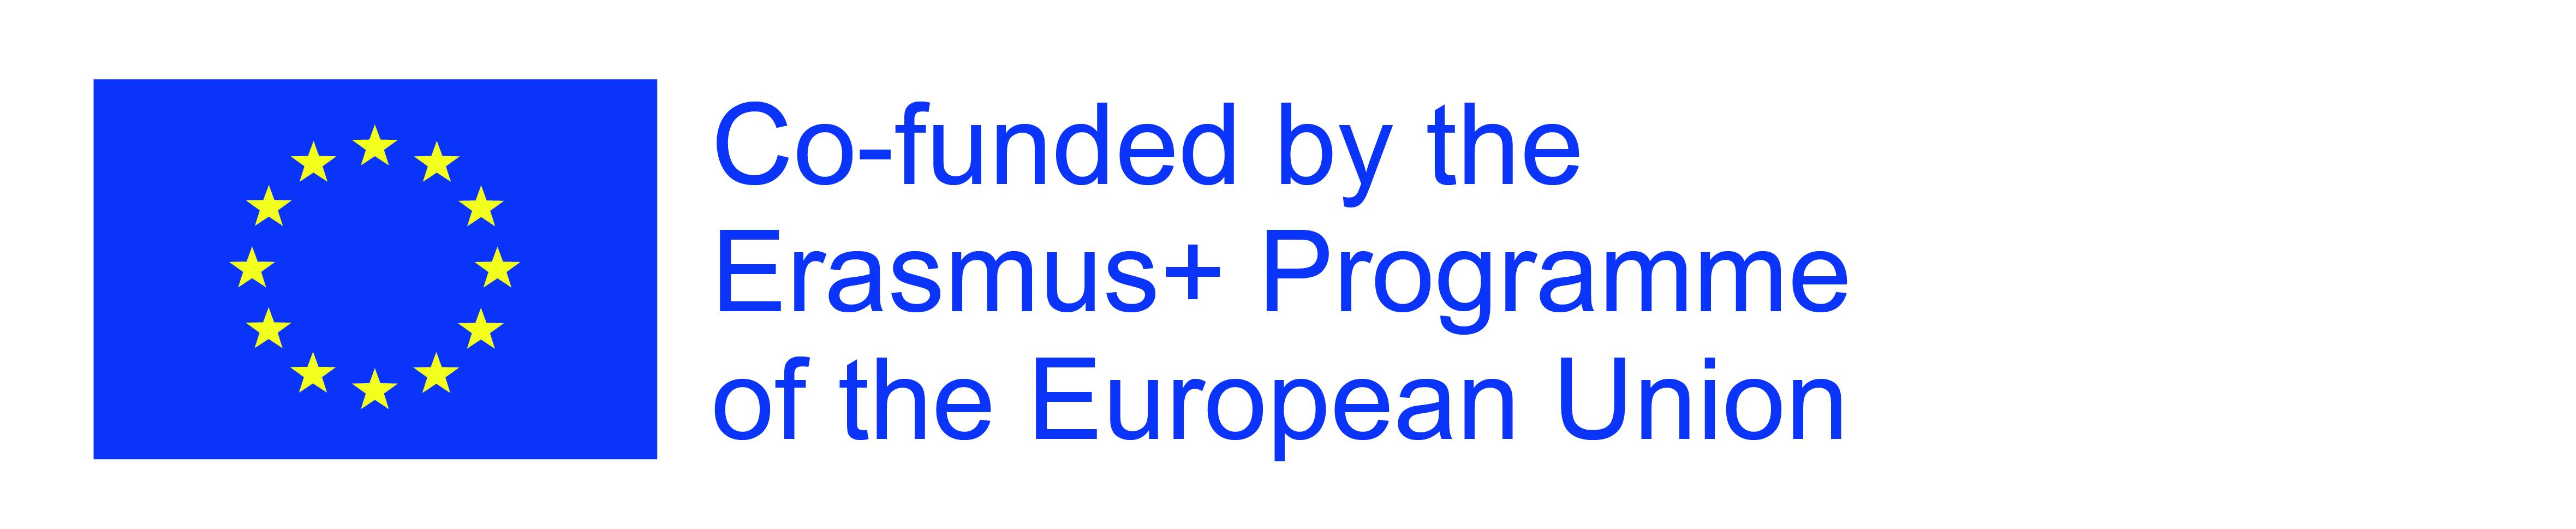 beneficiary logo of the Erasmus Plus Programme